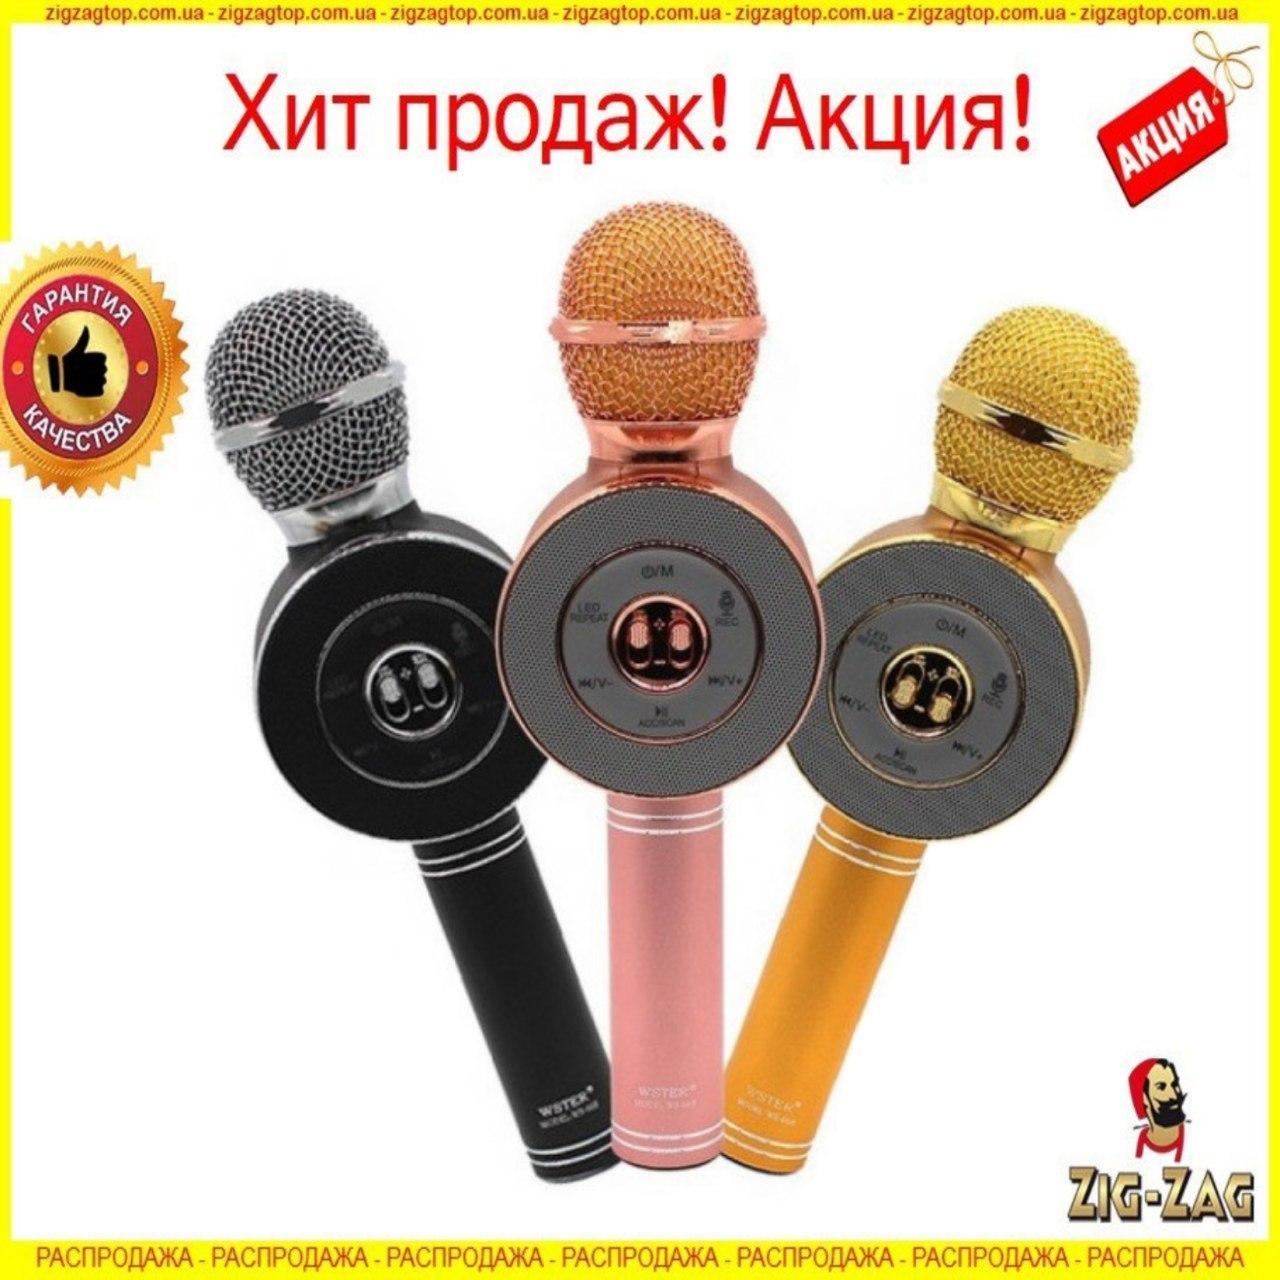 Беспроводной микрофон WS-668 Bluetooth портативный караоке Блютуз (колонкой) совместима с Android, iOS NEW